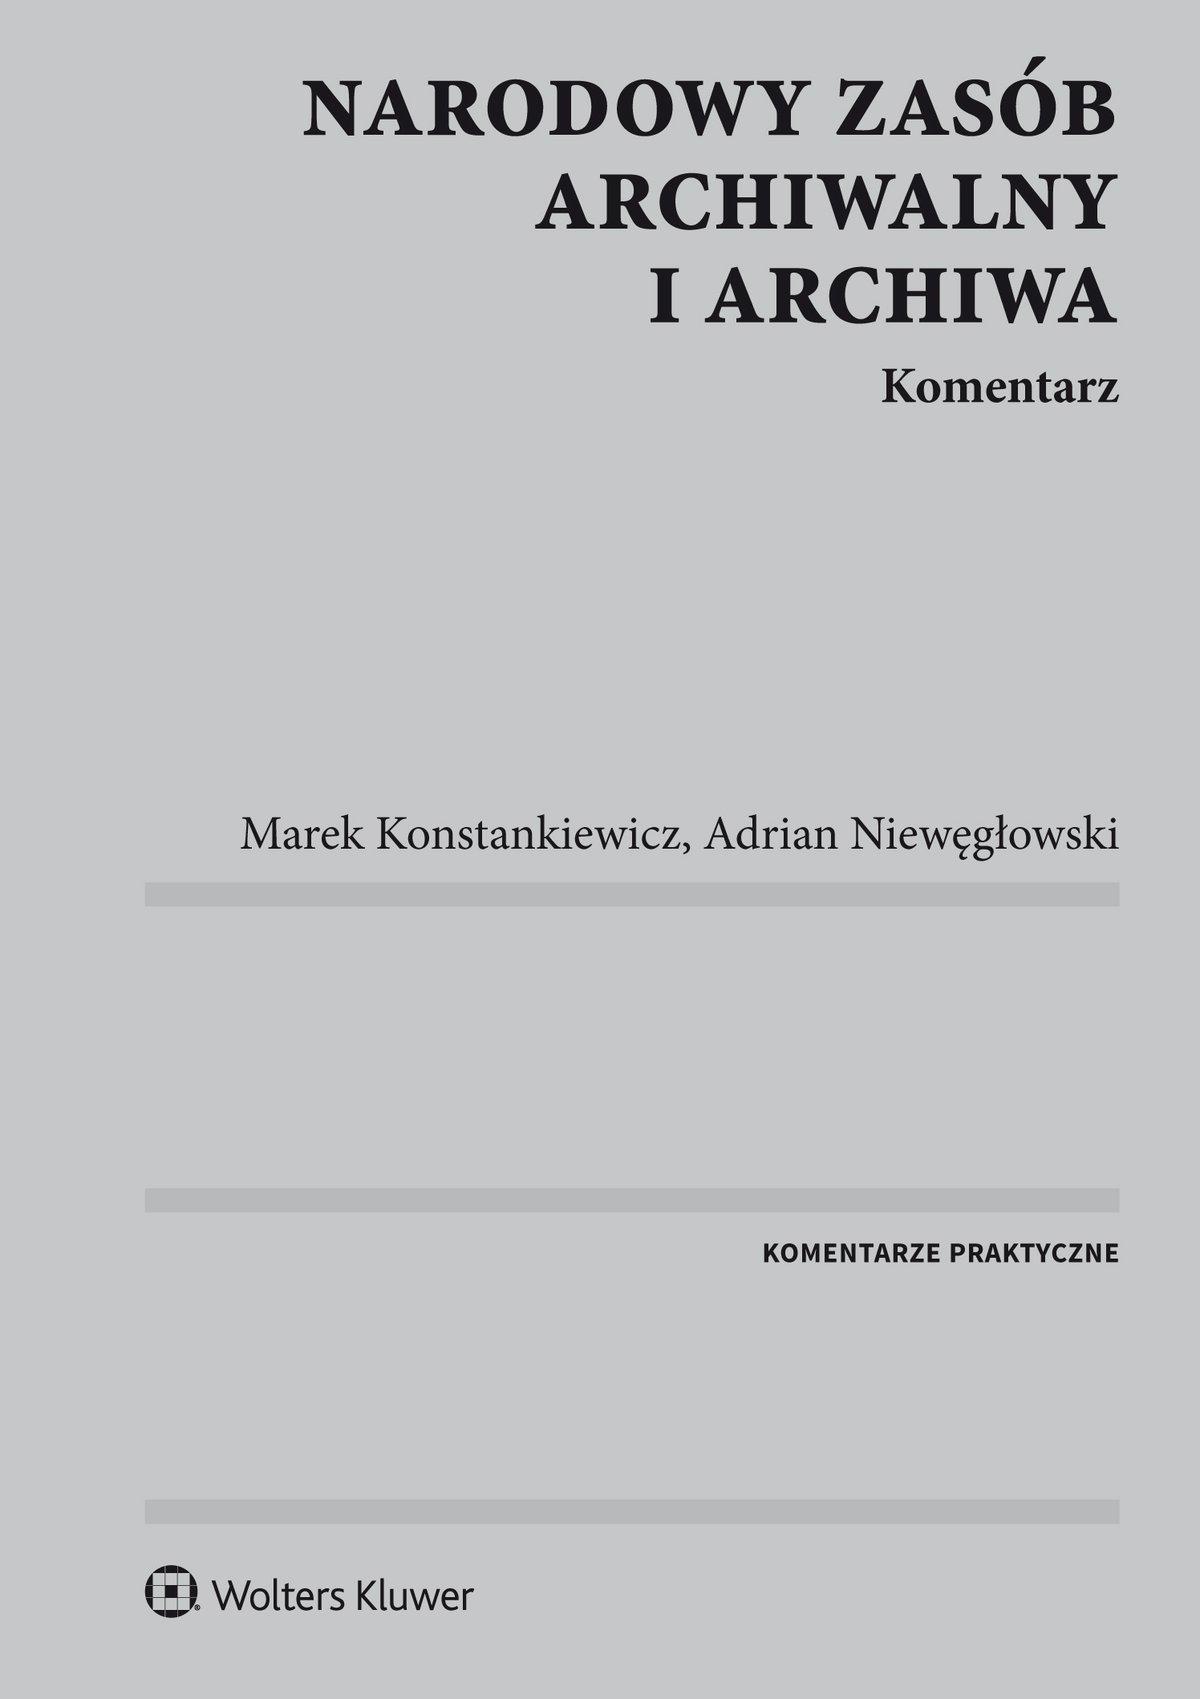 Narodowy zasób archiwalny i archiwa. Komentarz - Ebook (Książka EPUB) do pobrania w formacie EPUB